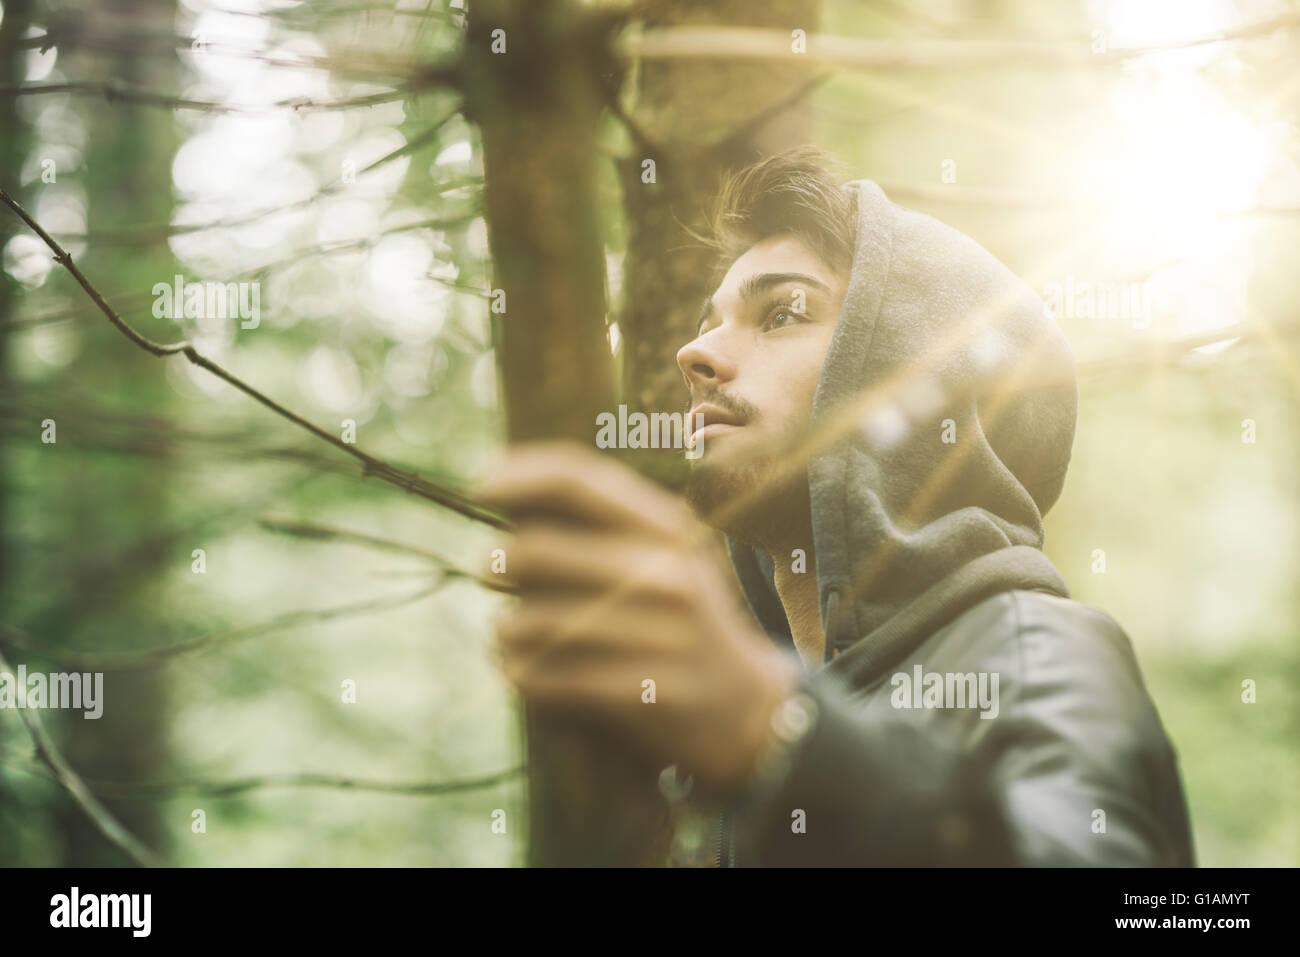 Guy encapuchados en el bosque a explorar la naturaleza, la individualidad y la libertad concepto Imagen De Stock